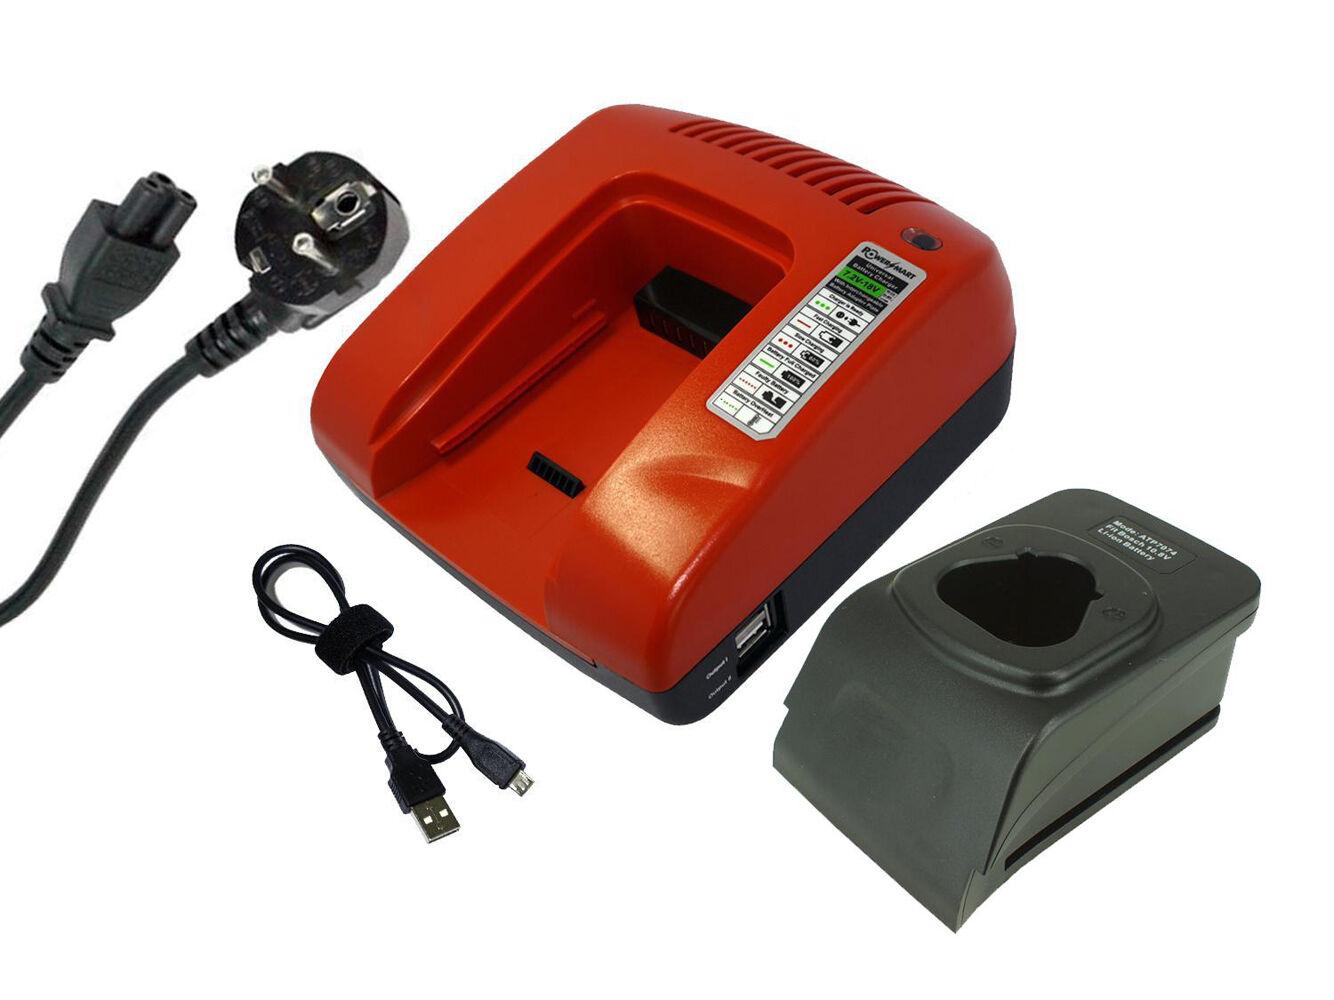 10.8V Ladegerät für Bosch PS60-102,PS70, PSM 10.8 LI,2 607 336 014,2 607 336 863